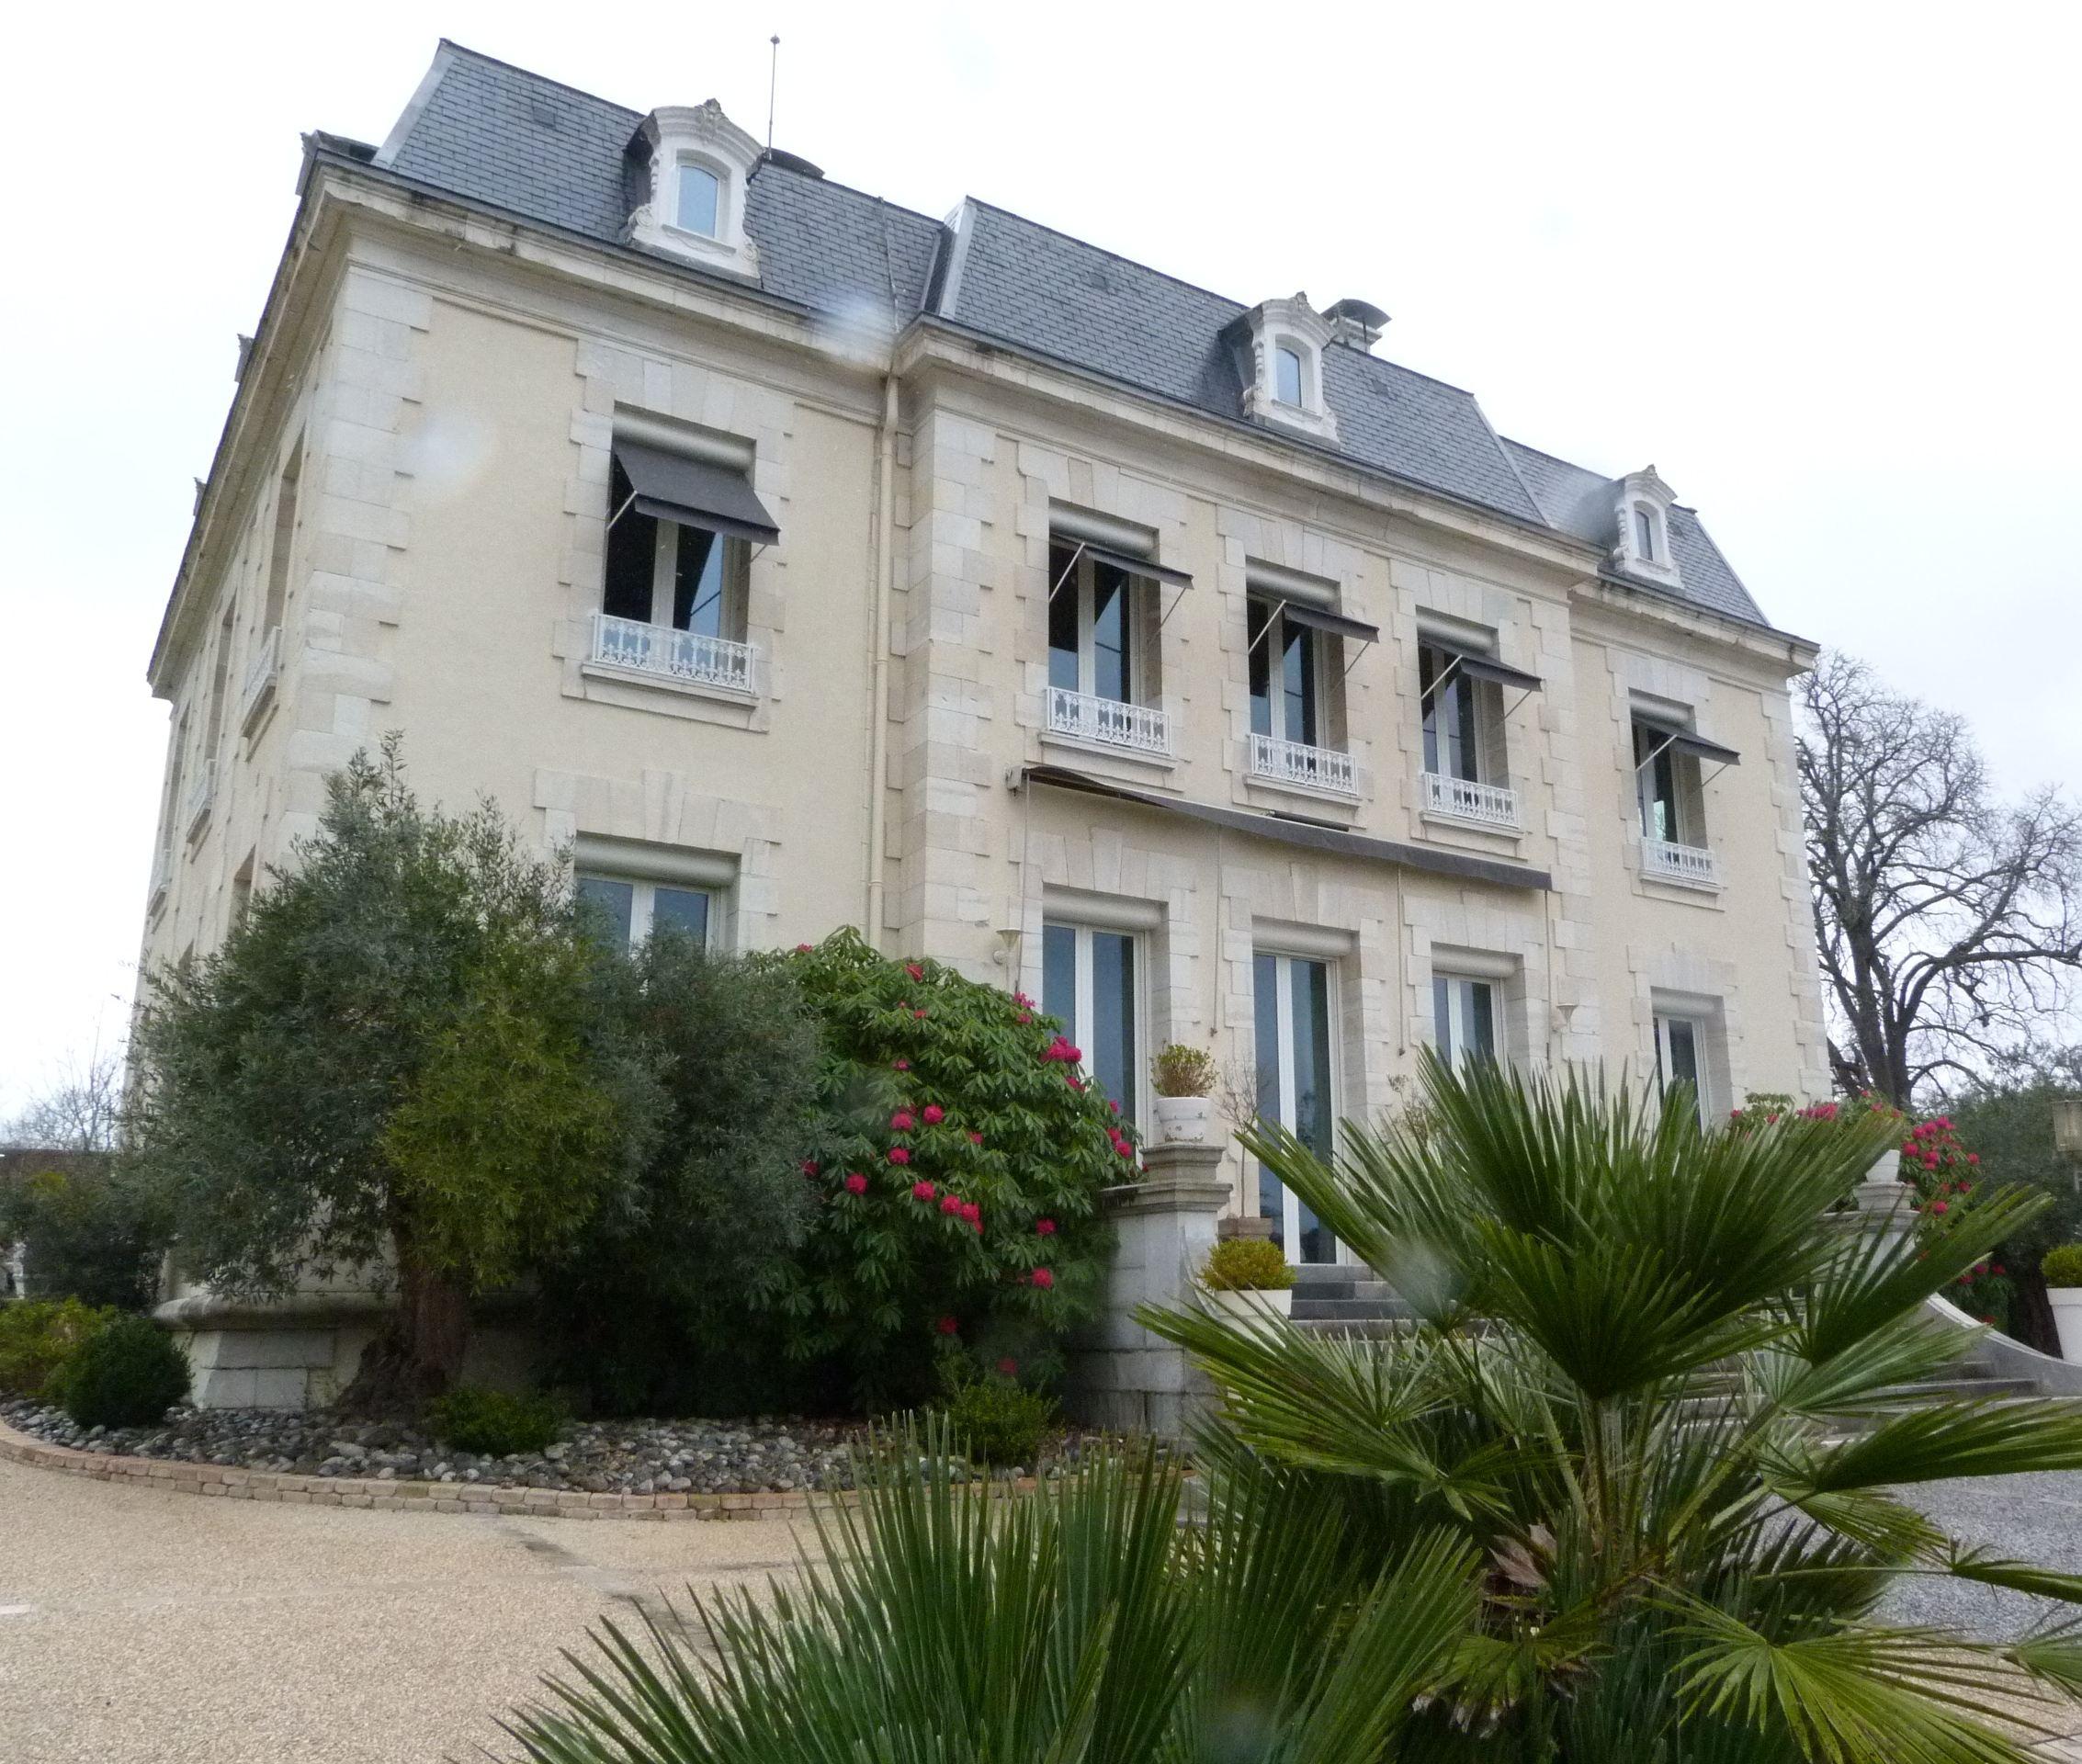 Property For Sale at PROXIMITE DE PAU - MAGNIFIQUE CHATEAU EN EXCELLENT ETAT- VUE PYRENEES